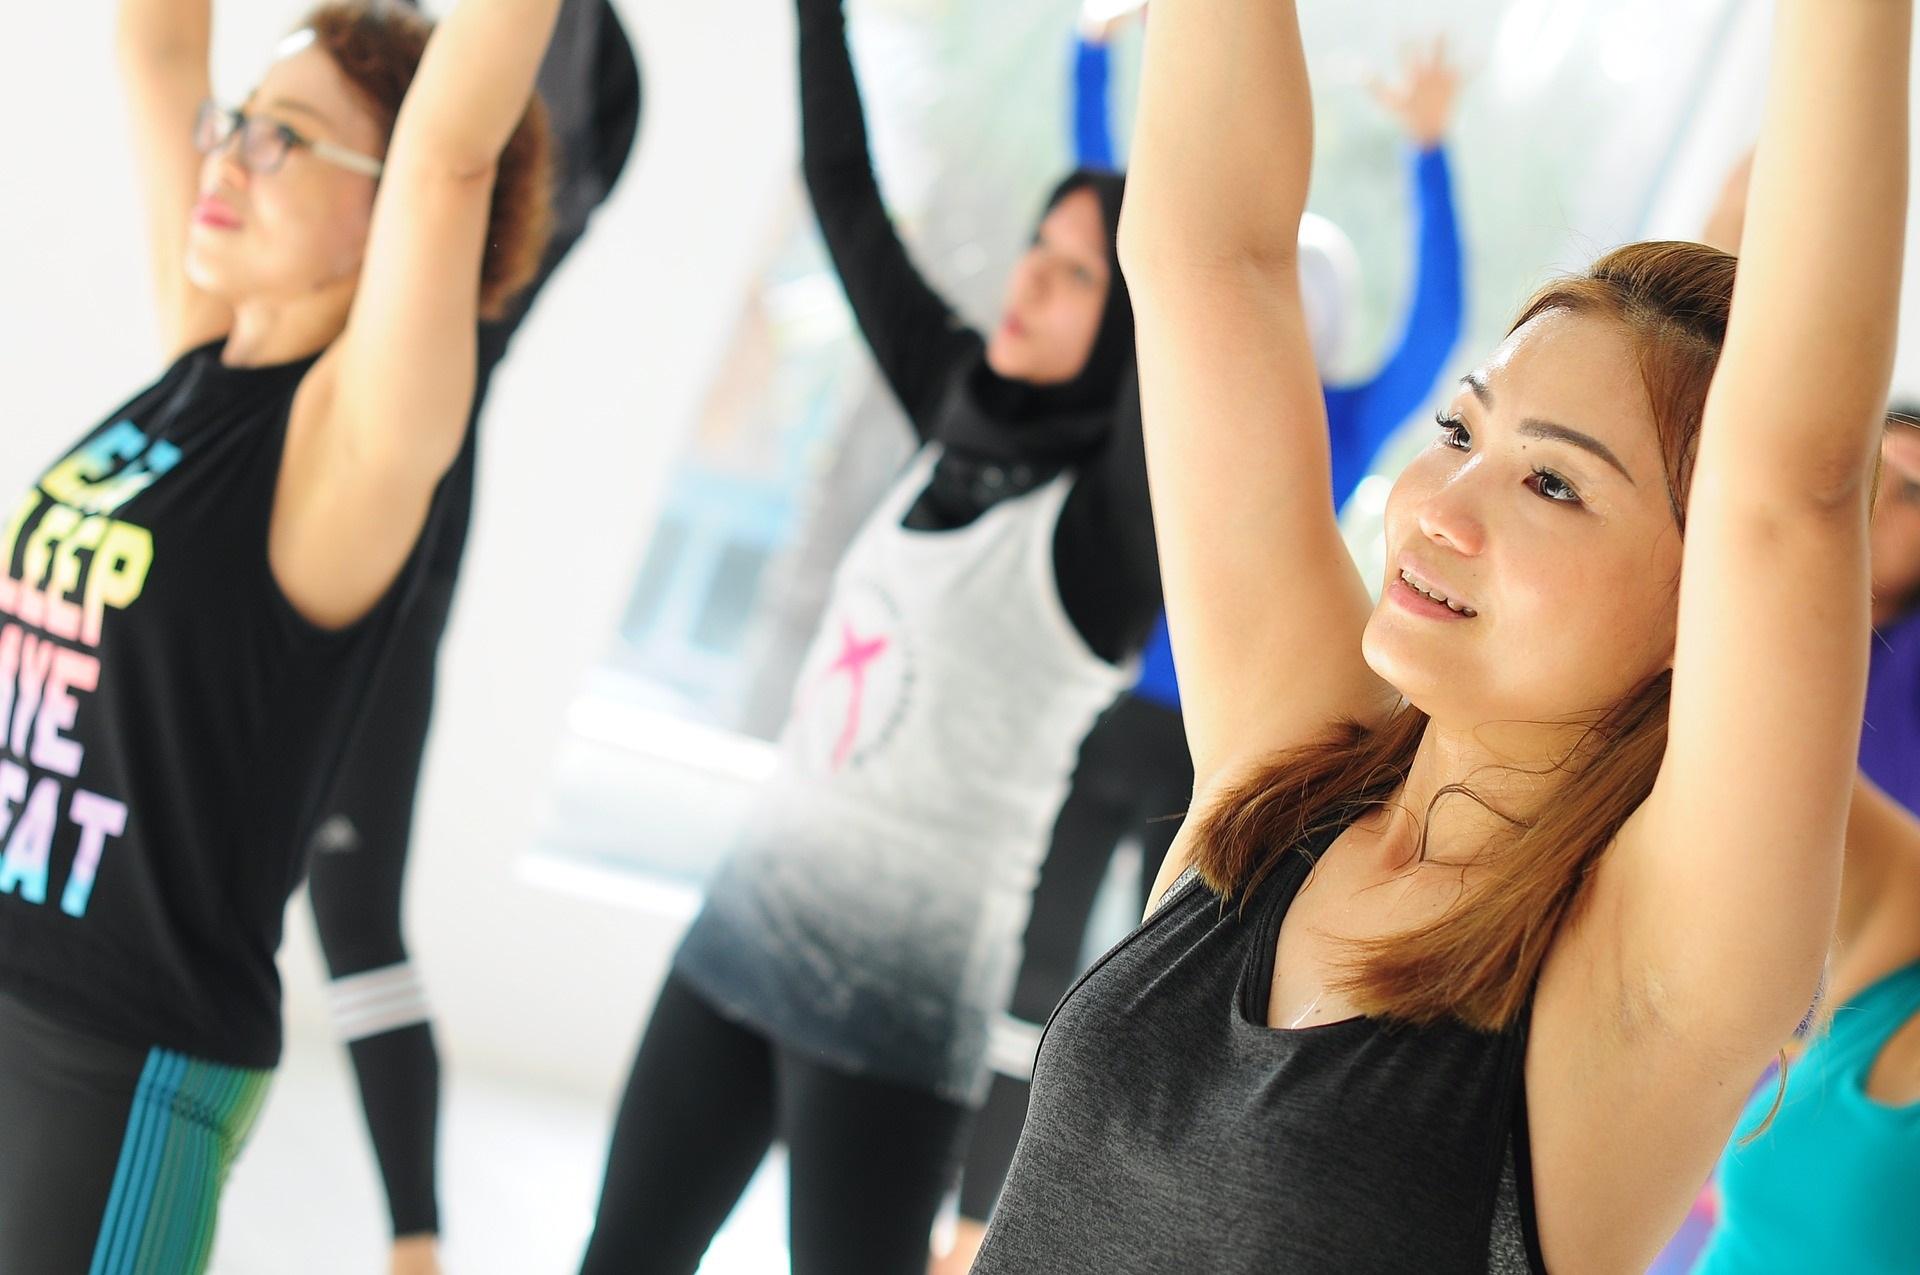 Esercizi per le gambe con pesi alle caviglie: utilizzo e allenamento